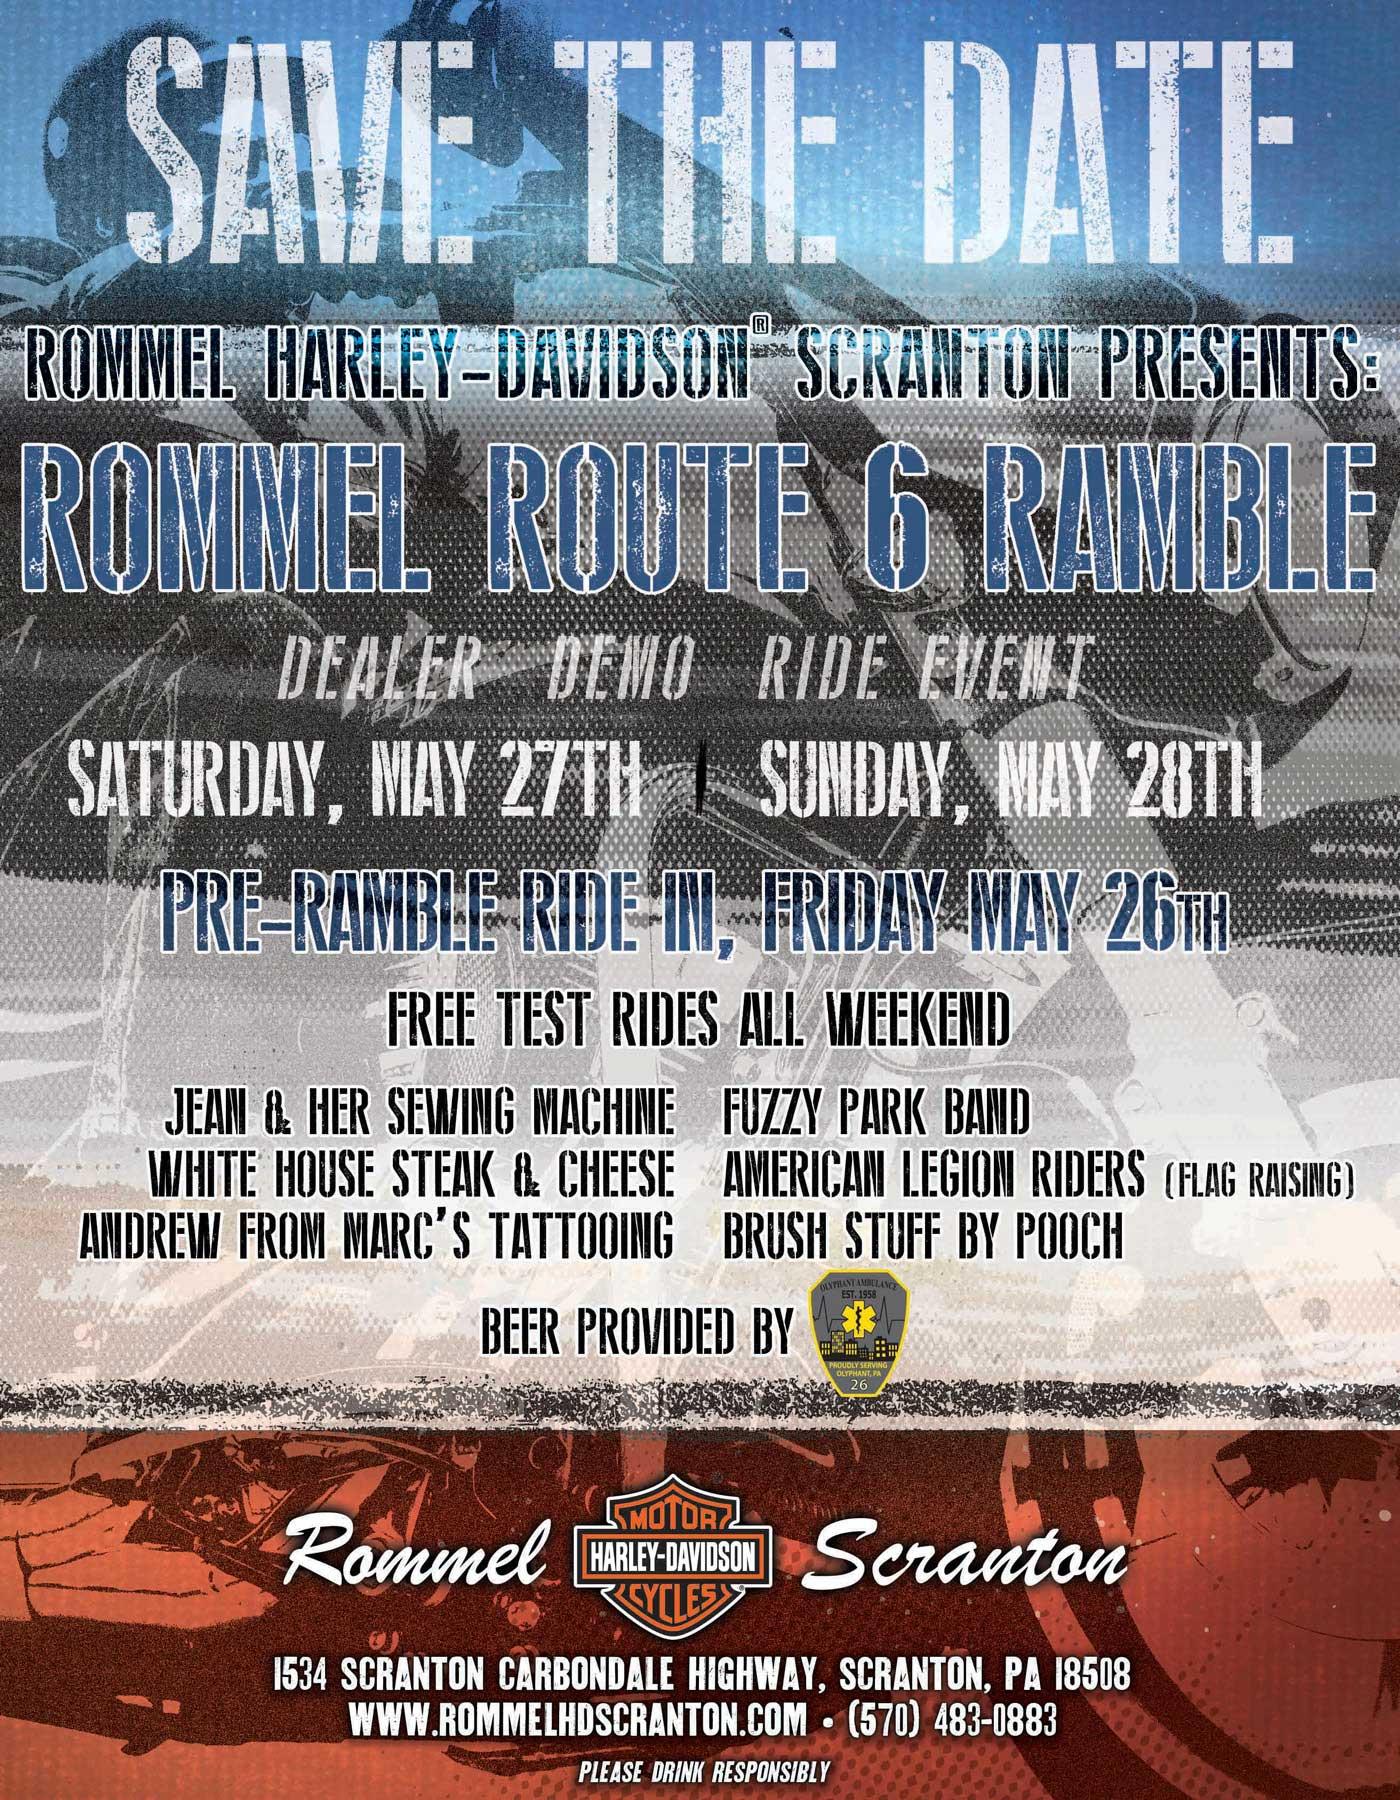 Rommel Route 6 Ramel